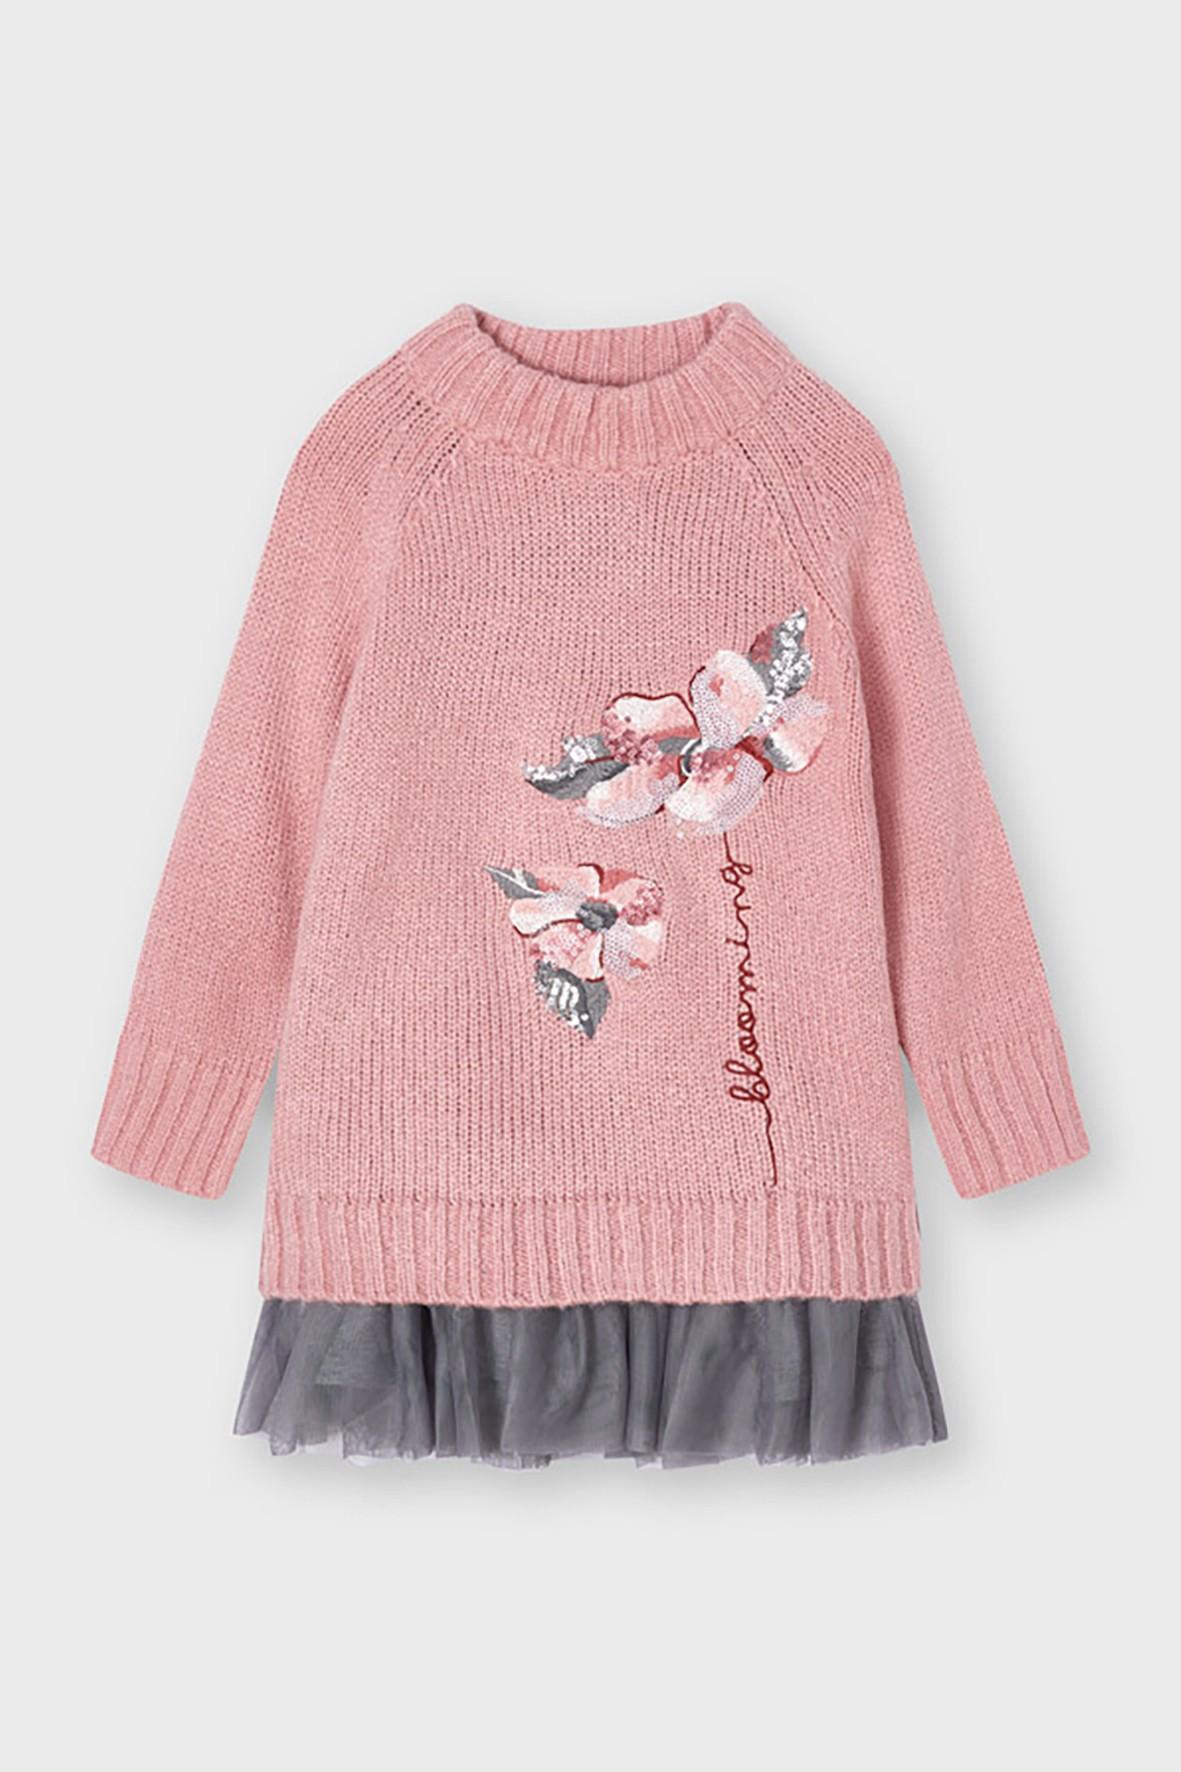 Komplet dziewczęcy Mayoral - sukienka +  różowy sweter  z nadrukiem